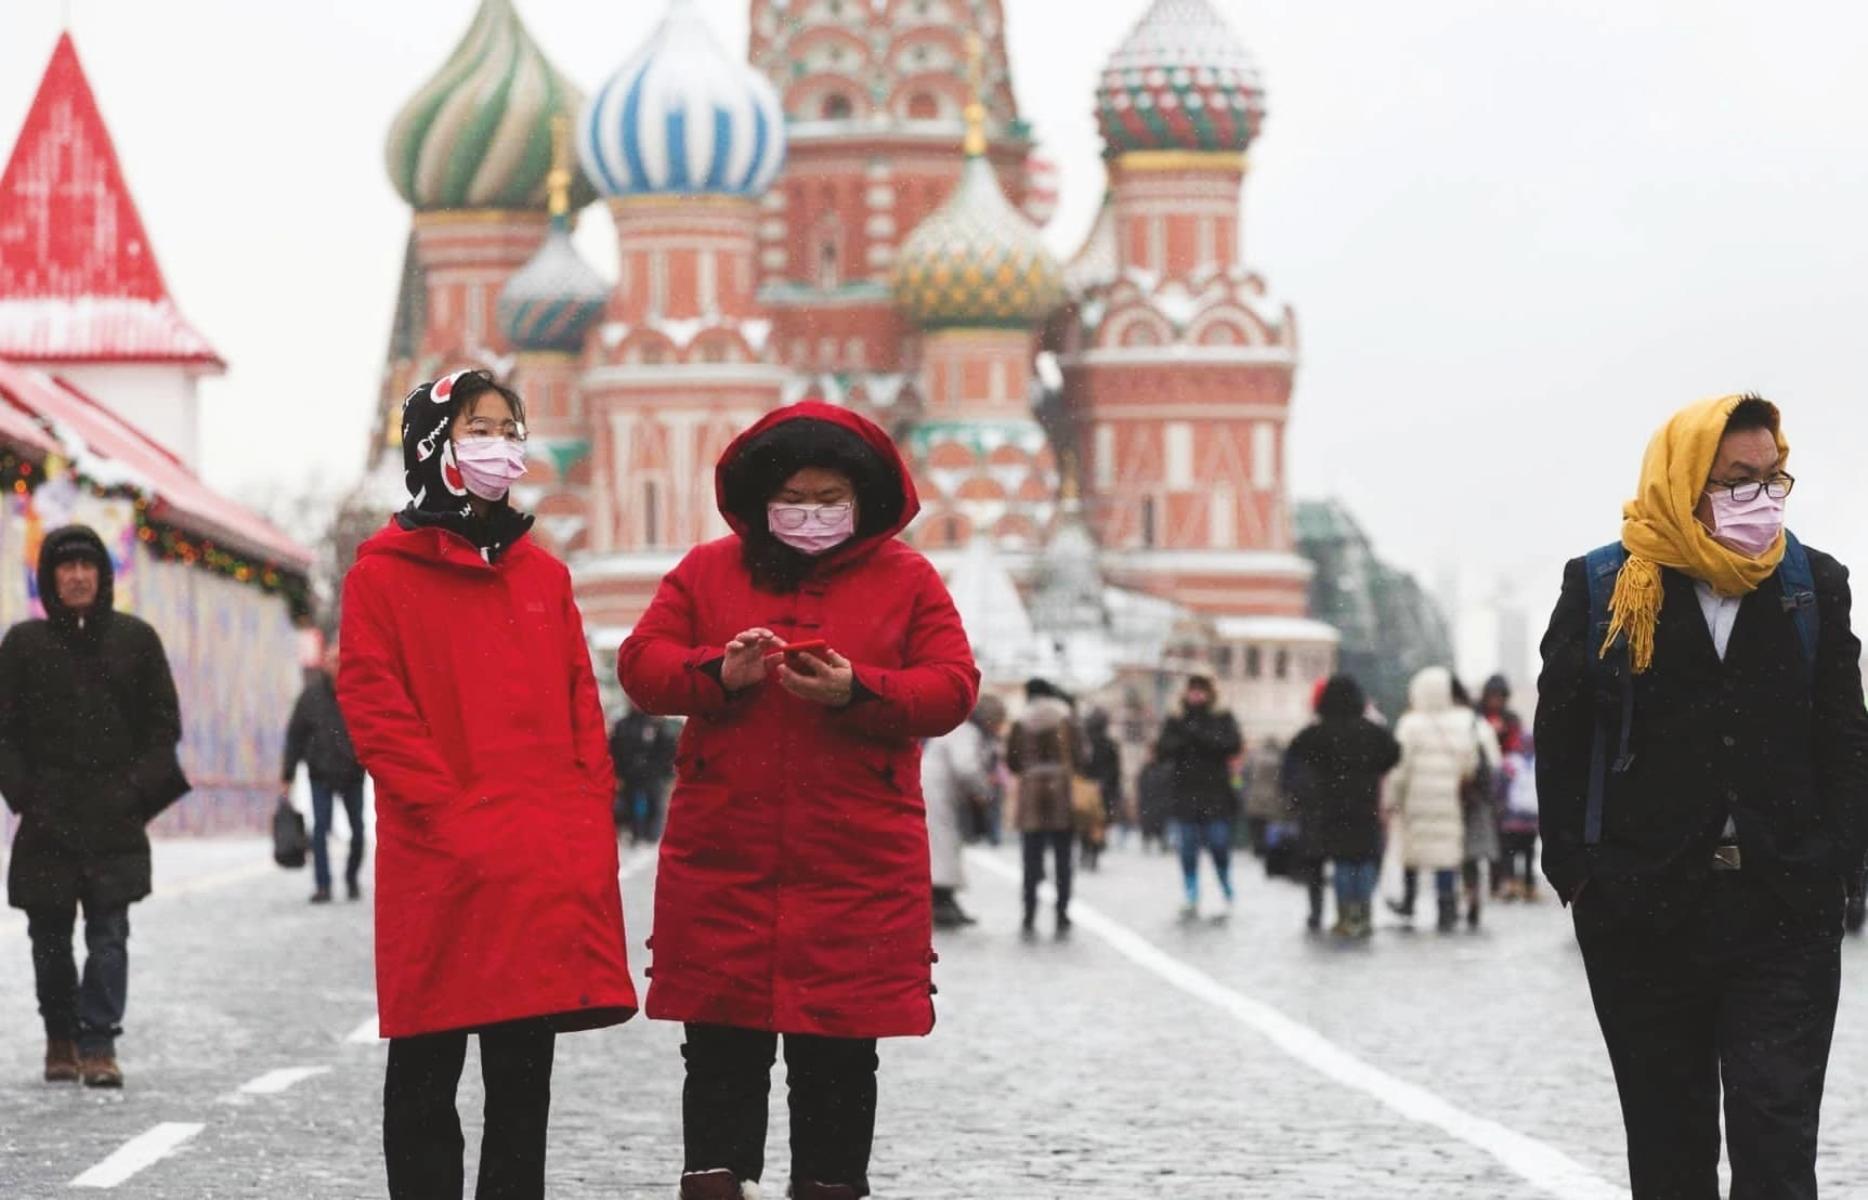 Ρωσία: Ο πληθυσμός συρρικνώθηκε κατά μισό εκατομμύριο